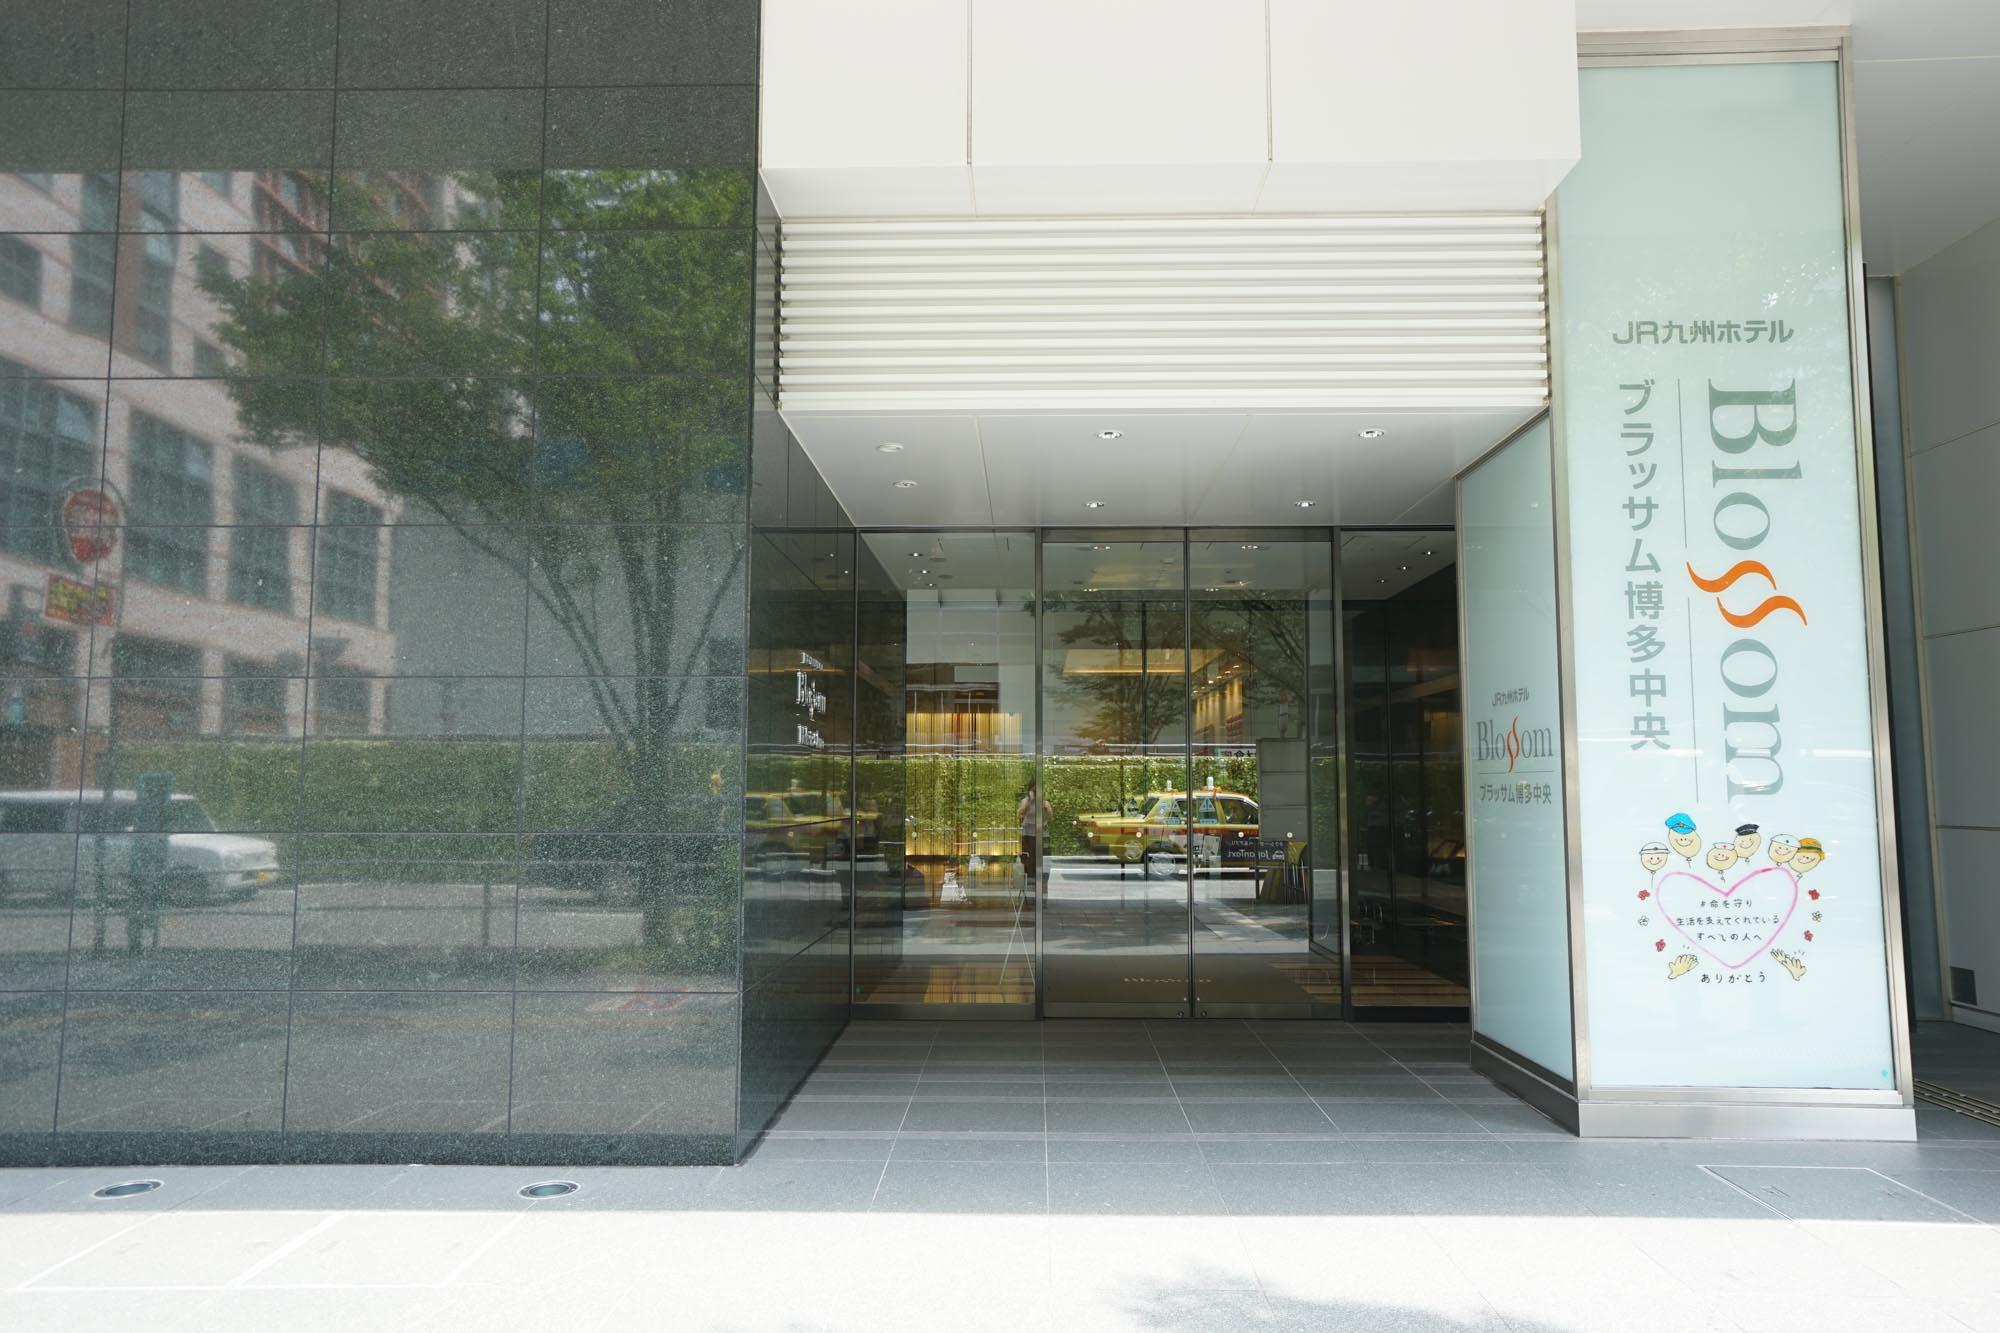 ち、近い!博多駅徒歩2分と書きましたが、この階段出口からなら5秒でホテルの入り口です。雨の日もほとんど濡れなさそう。